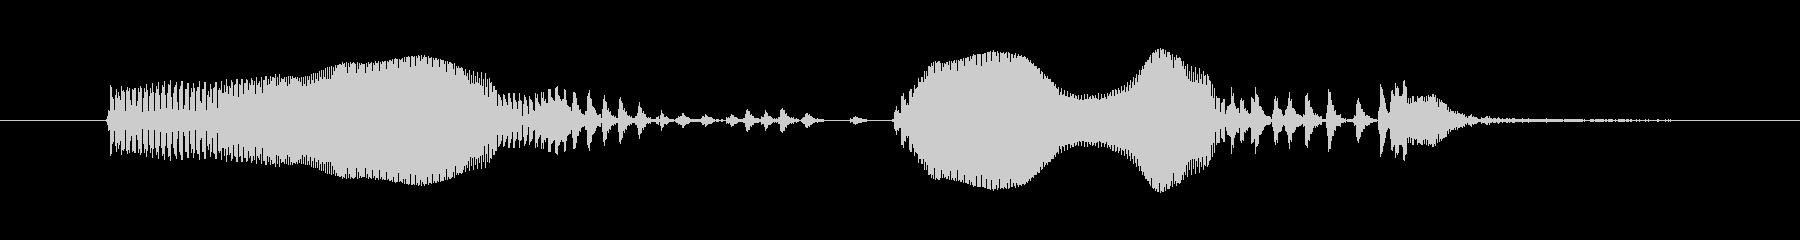 鳴き声 女性のうめき声01の未再生の波形